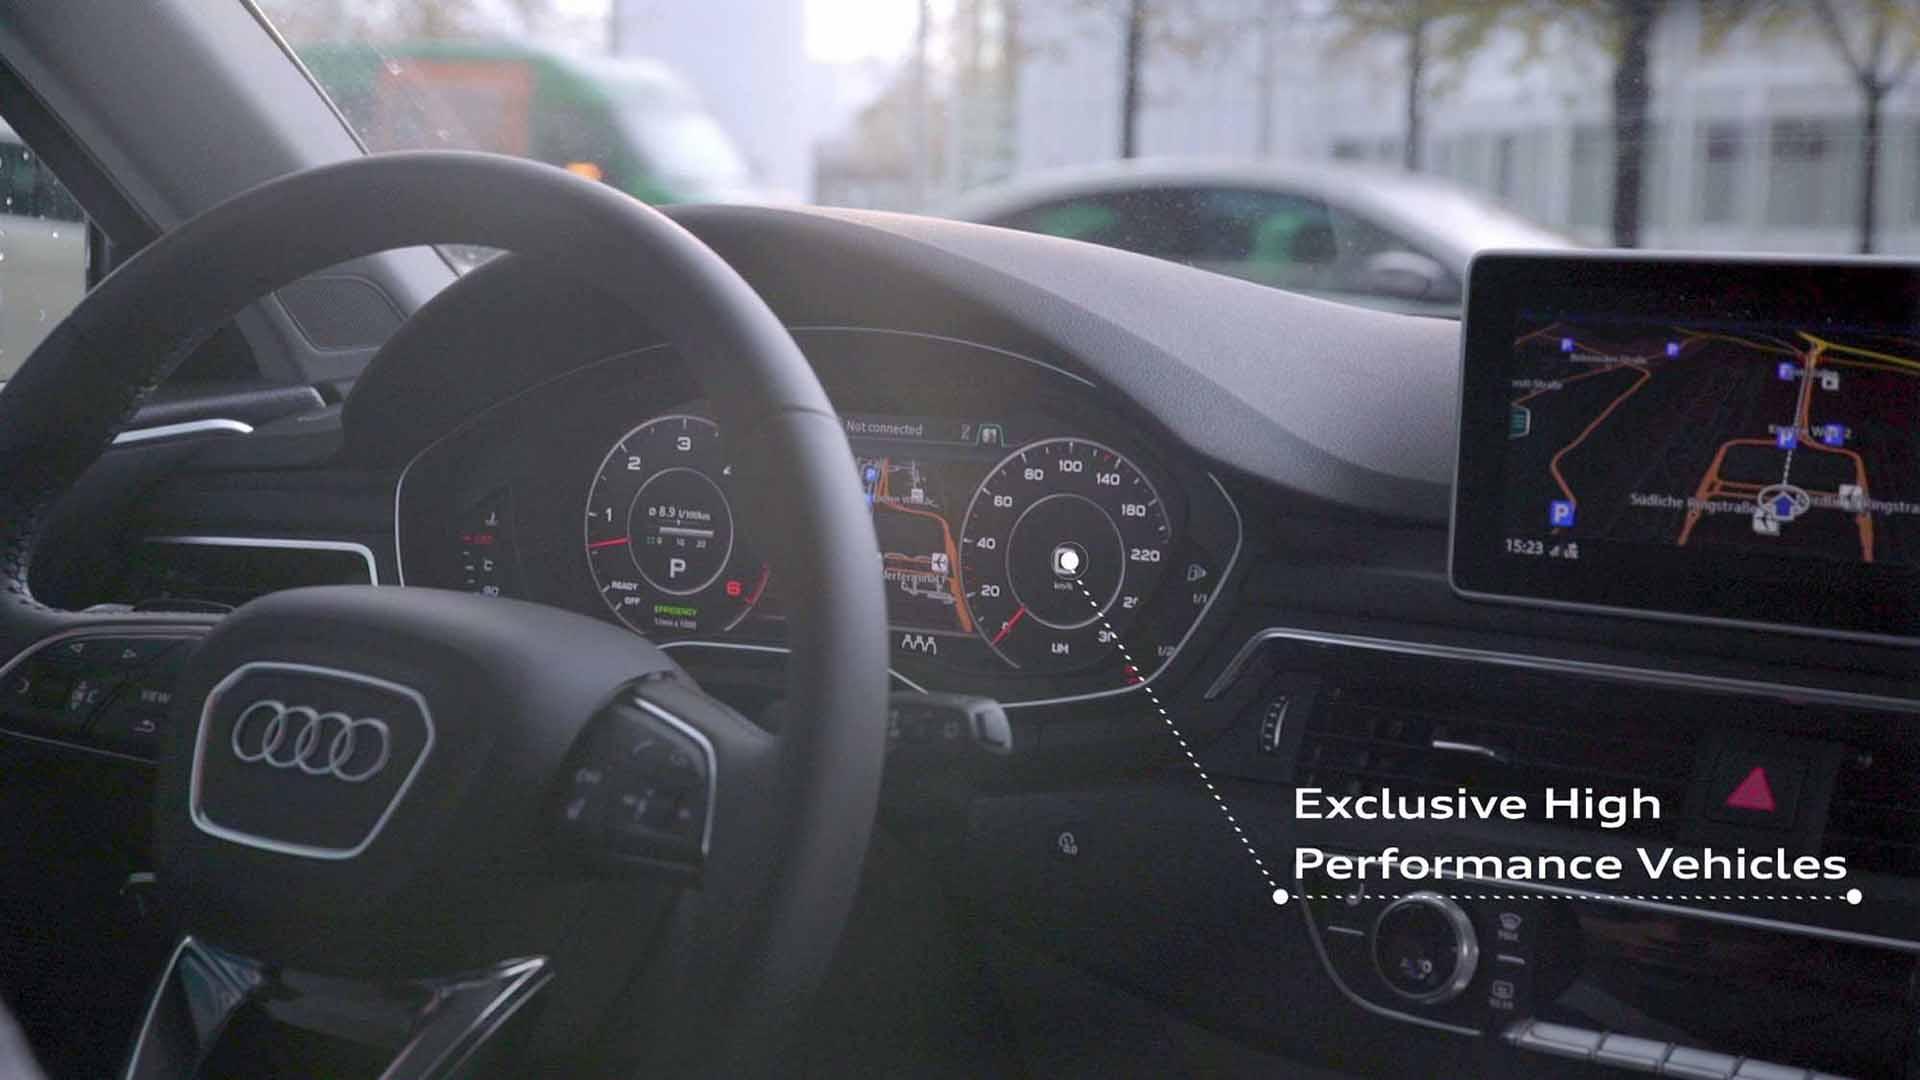 """Das Bild zeigt den Innenraum eines Fahrzeugs. Man sieht das Cockpit. Es ist grau. Die Armaturen sowie das Lenkrad sind zu sehen. Ein kleiner Bildschirm zeigt ein Navigationssystem laufen. Eine gestrichelte Linie geht von dem Tacho ab. An ihm sind die Worte """"Exclusive high performance vehicles"""" angebracht. Das Bild dient als Sliderbild für den Portfolioeintrag Audi on demand – Launchfilm von Panda Pictures."""